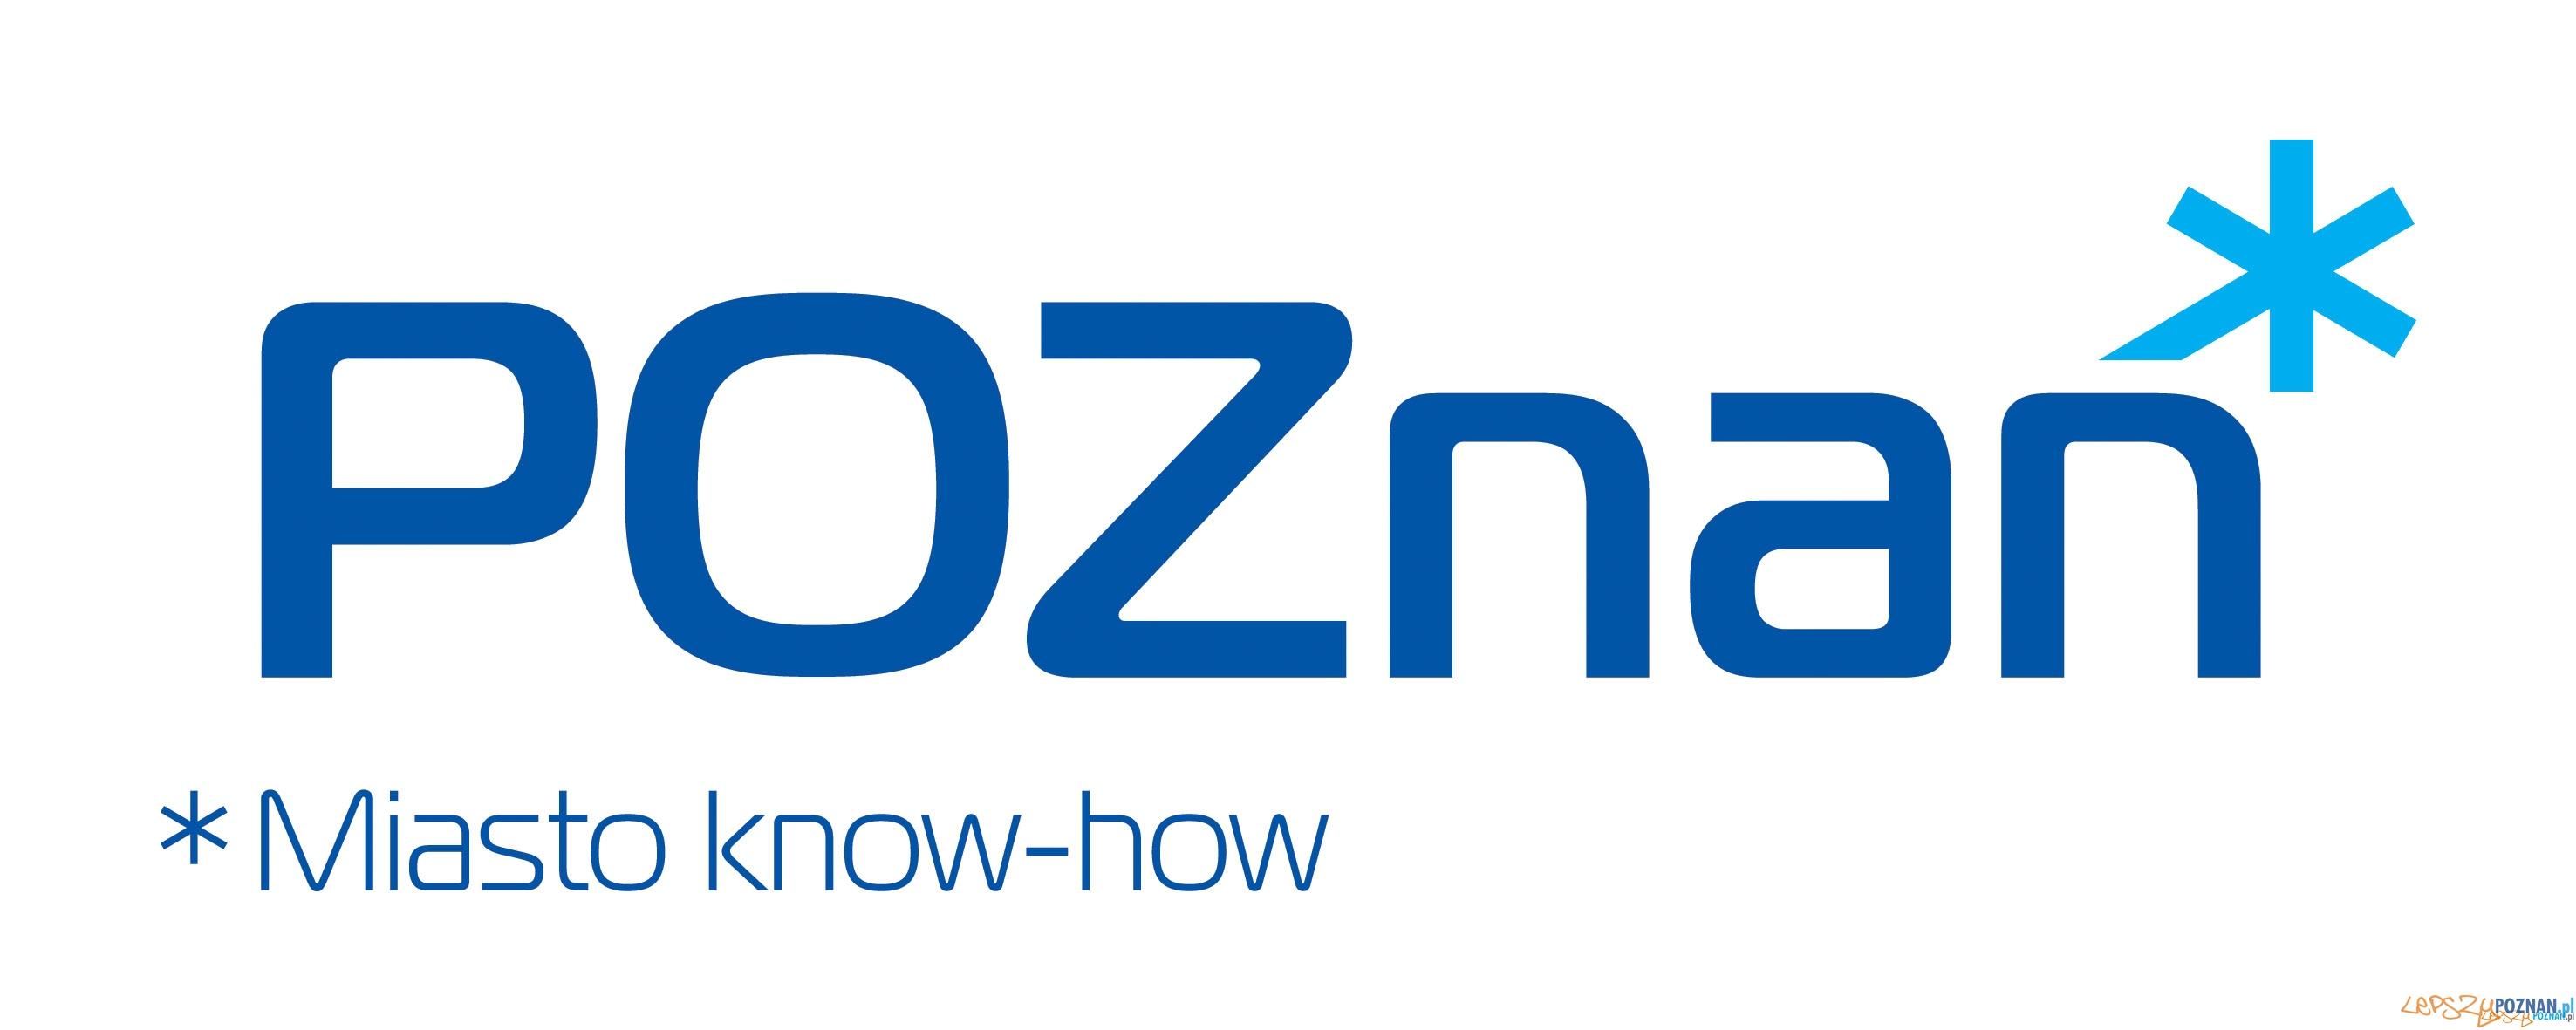 POZNAŃ - miasto know how logo  Foto: Poznań